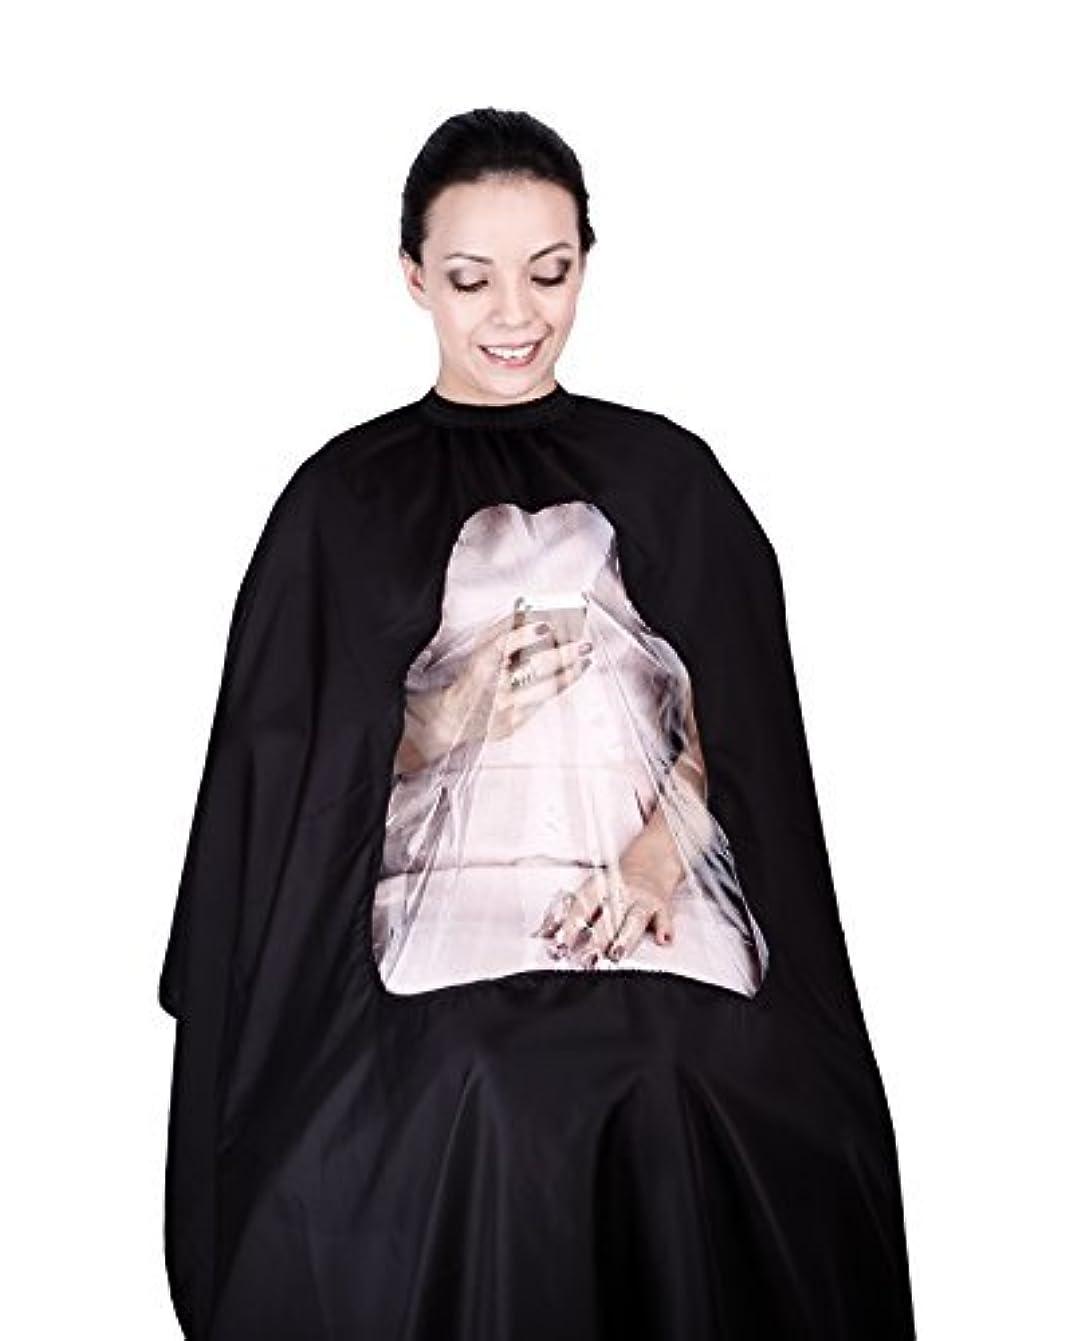 ズームインする大宇宙快適hiLISS Transparent Hair Cutting Cape Salon Barber Gown with Viewing Window, Comes with a Free Gift PRO CB1 Carbon...